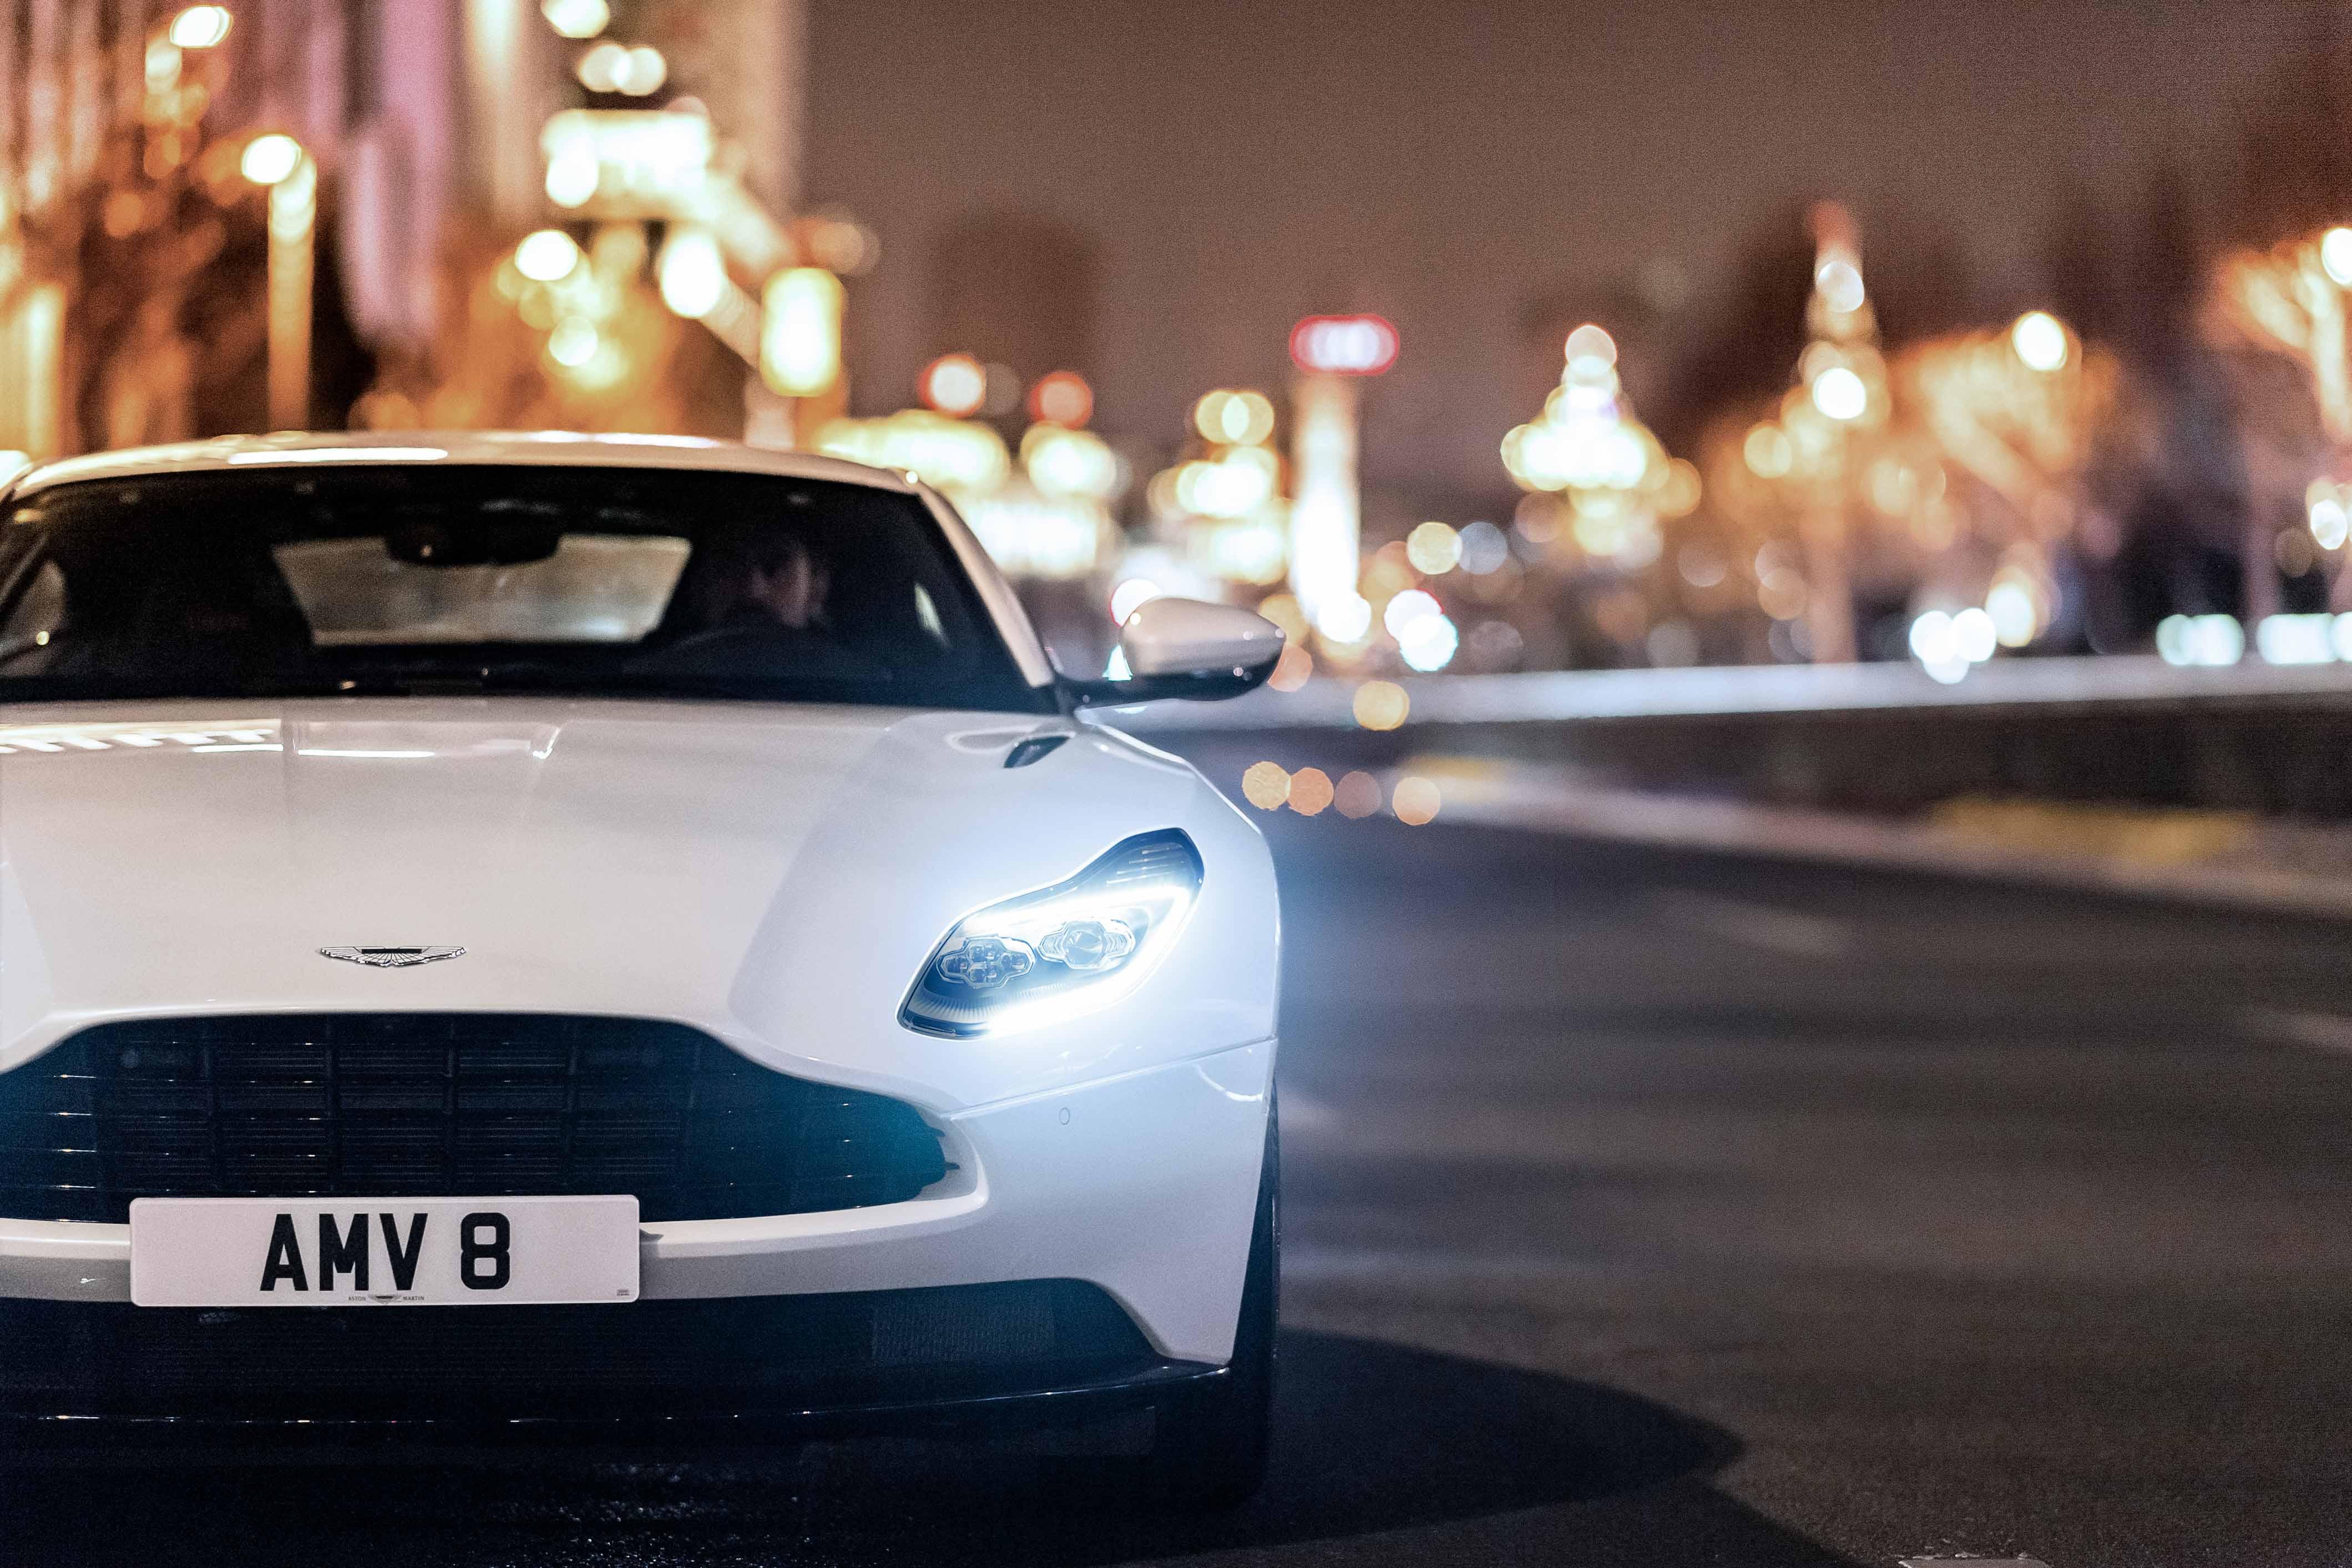 2018 Aston Martin DB11 V-8 city street